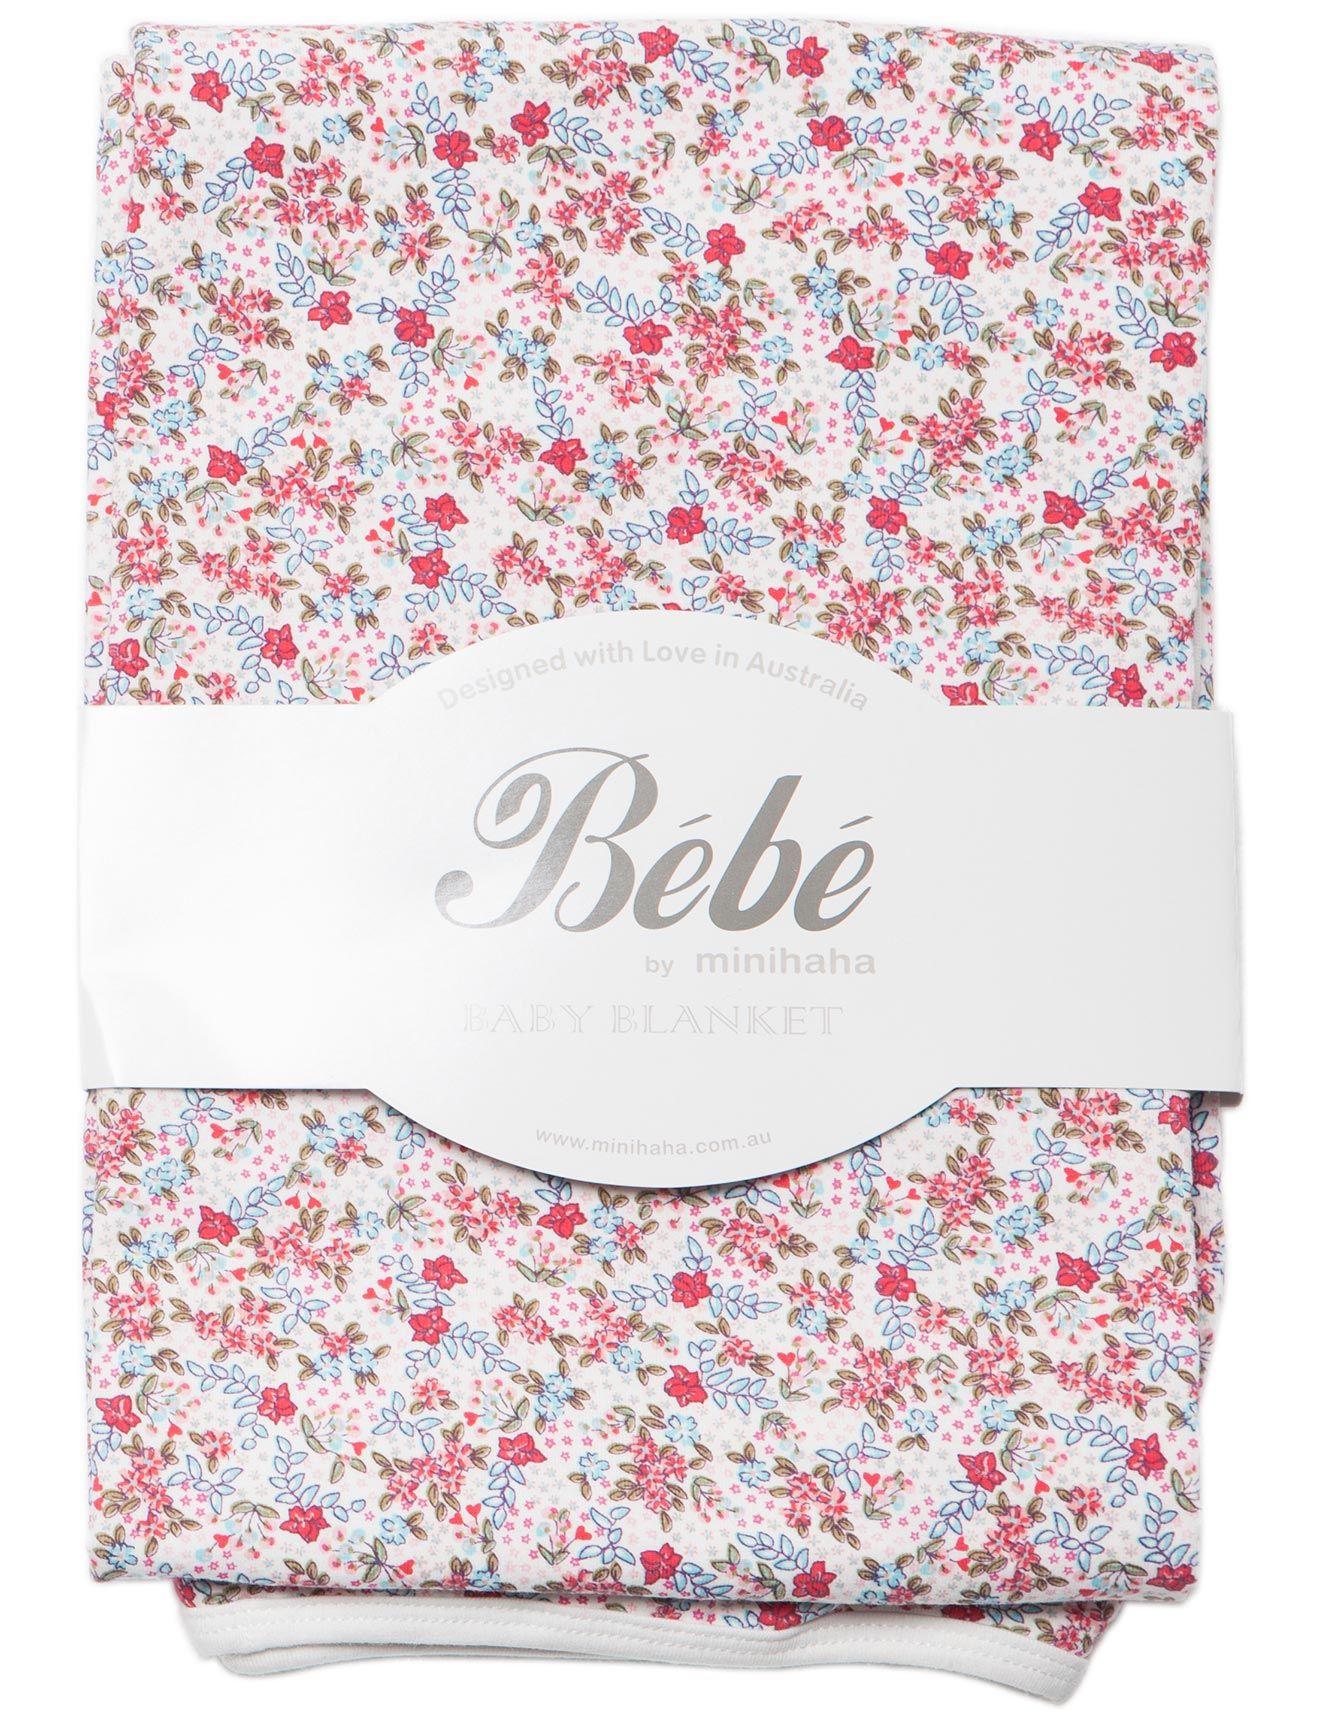 Bebe baby wrap blanket